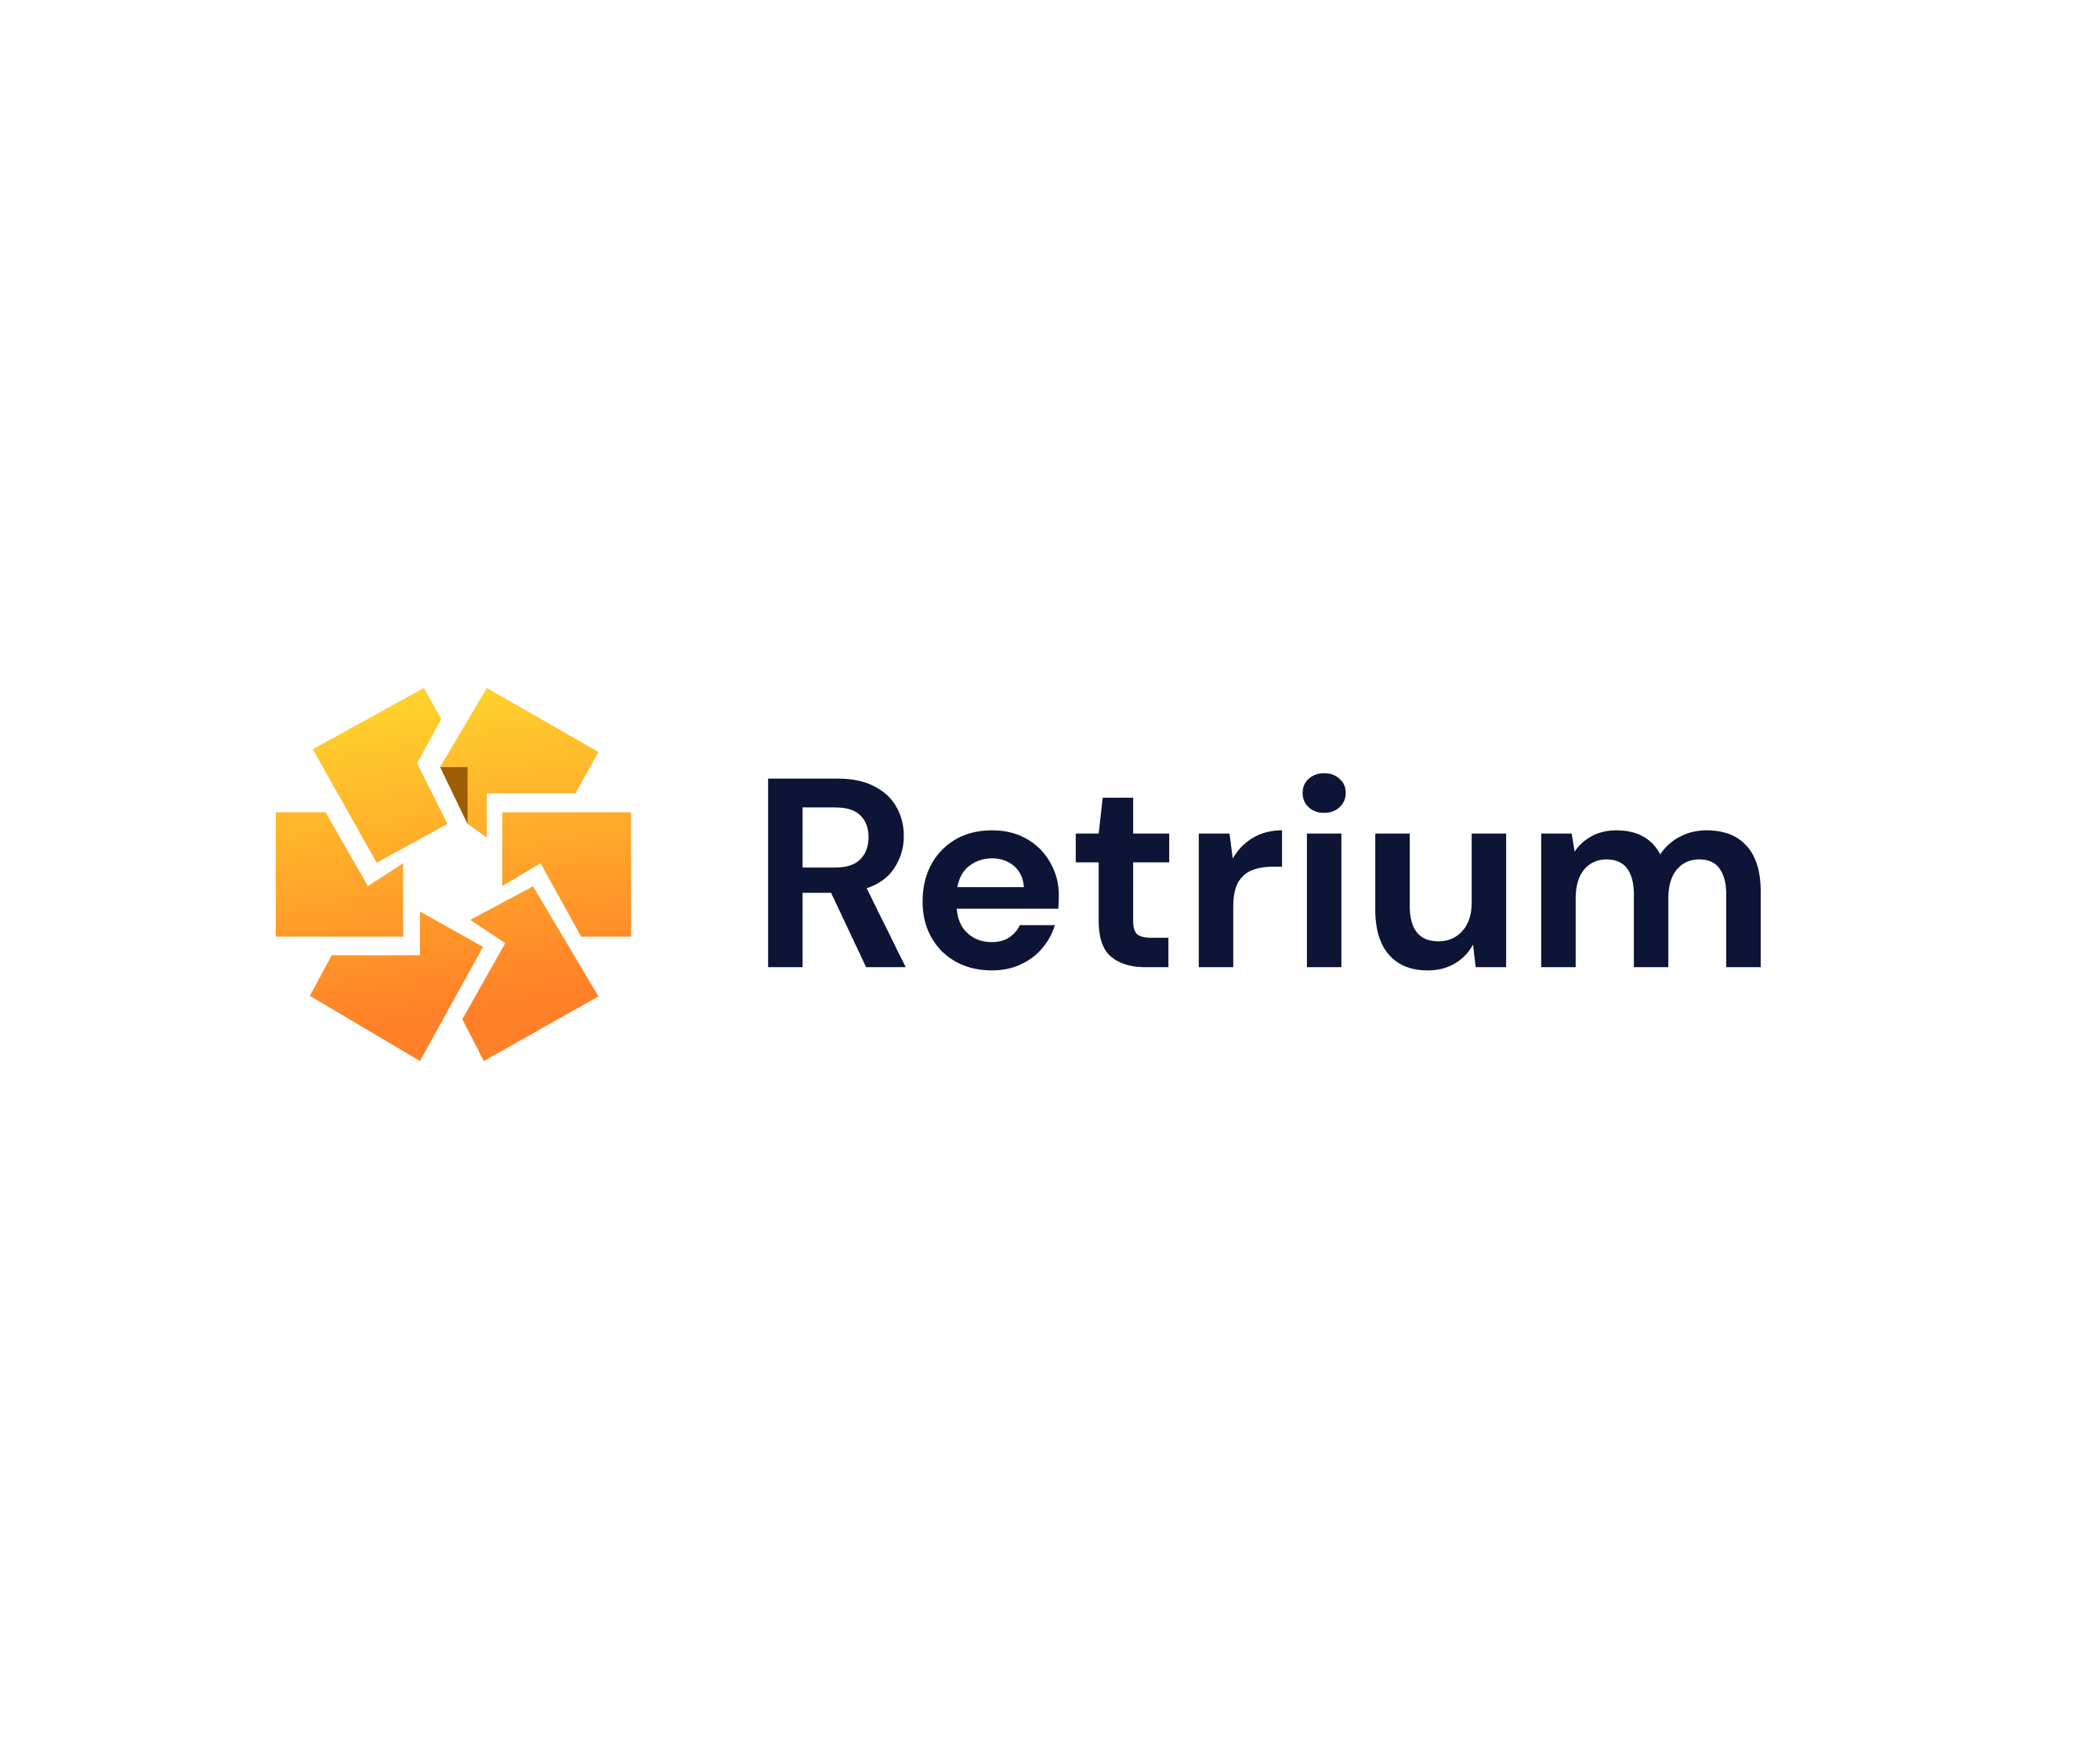 Retrium Agile Roundup